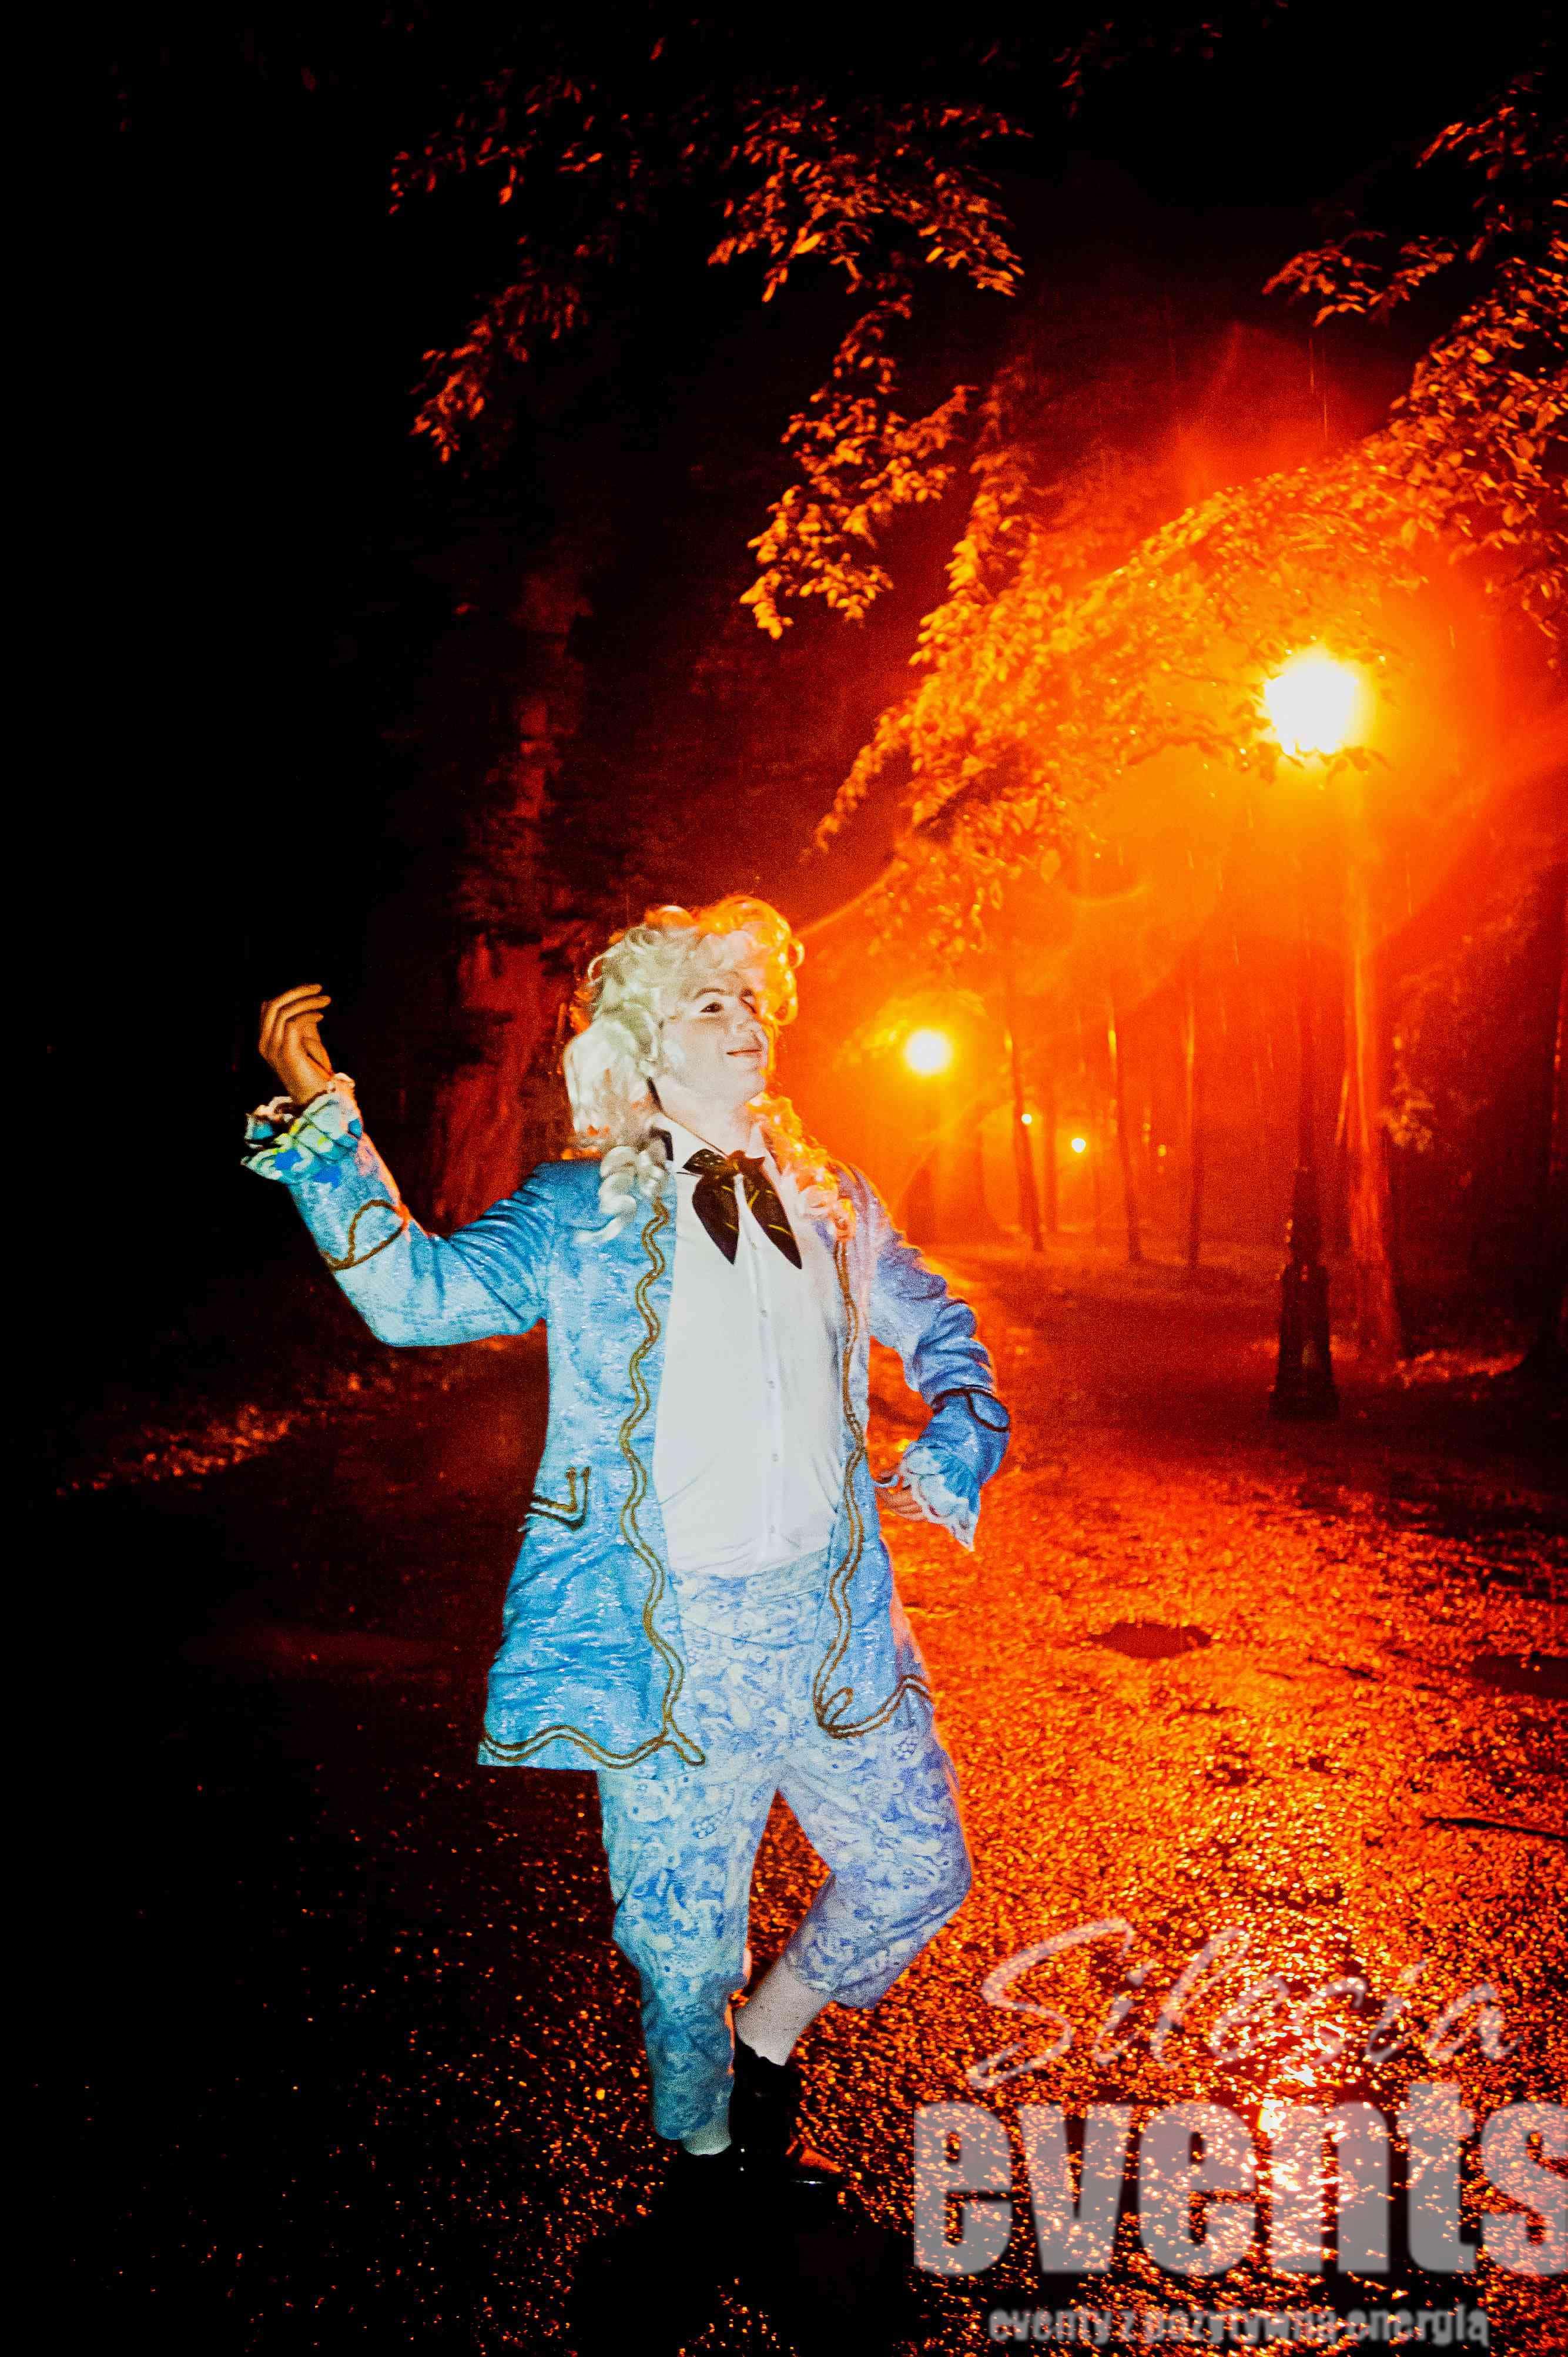 gra miejska Pszczyna, Daisy Days Pszczyna, gra książęca Pszczyna, gra nocna Pszczyna, gry miejskie Śląskie